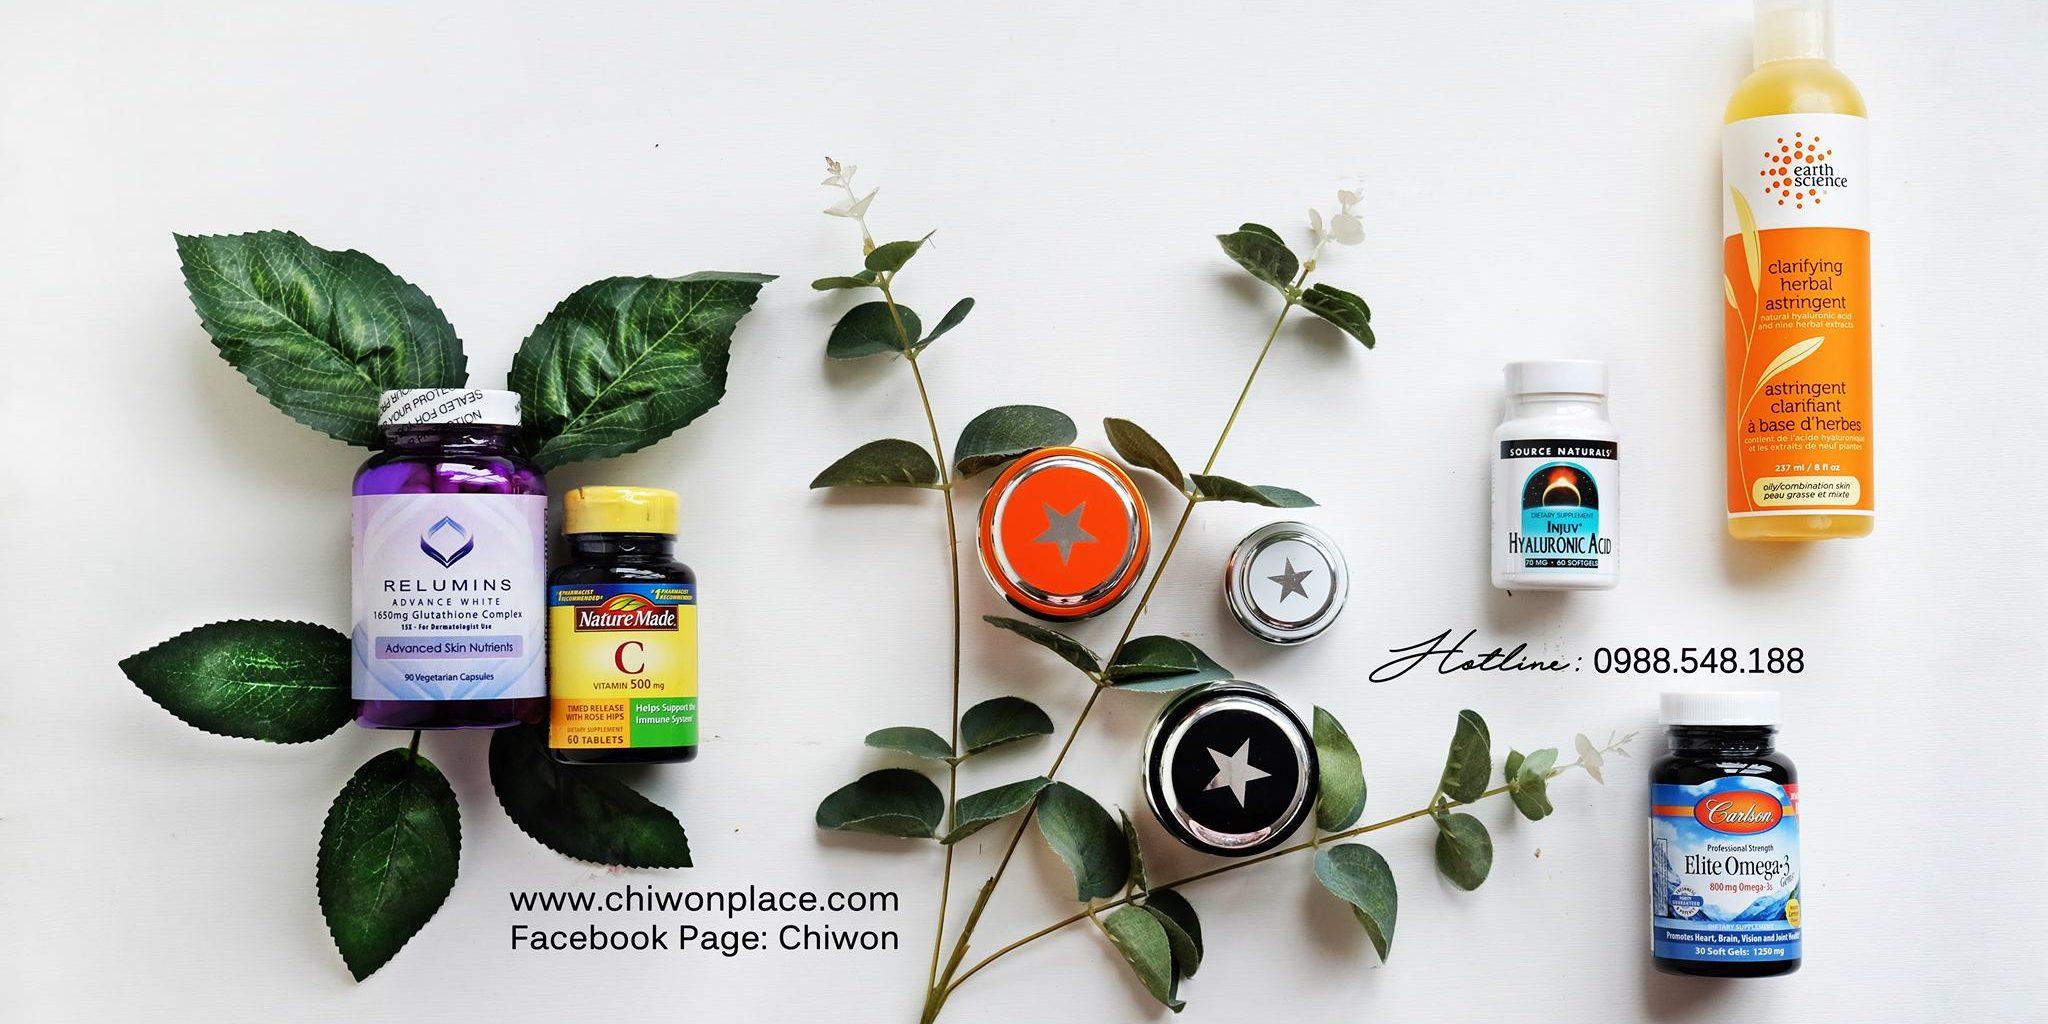 Tất cả sản phẩm tại Chiwon đều có là hàng mua trực tiếp tại hãng và có hóa đơn mua bán đầy đủ. Chúc các bạn shopping vui vẻ!